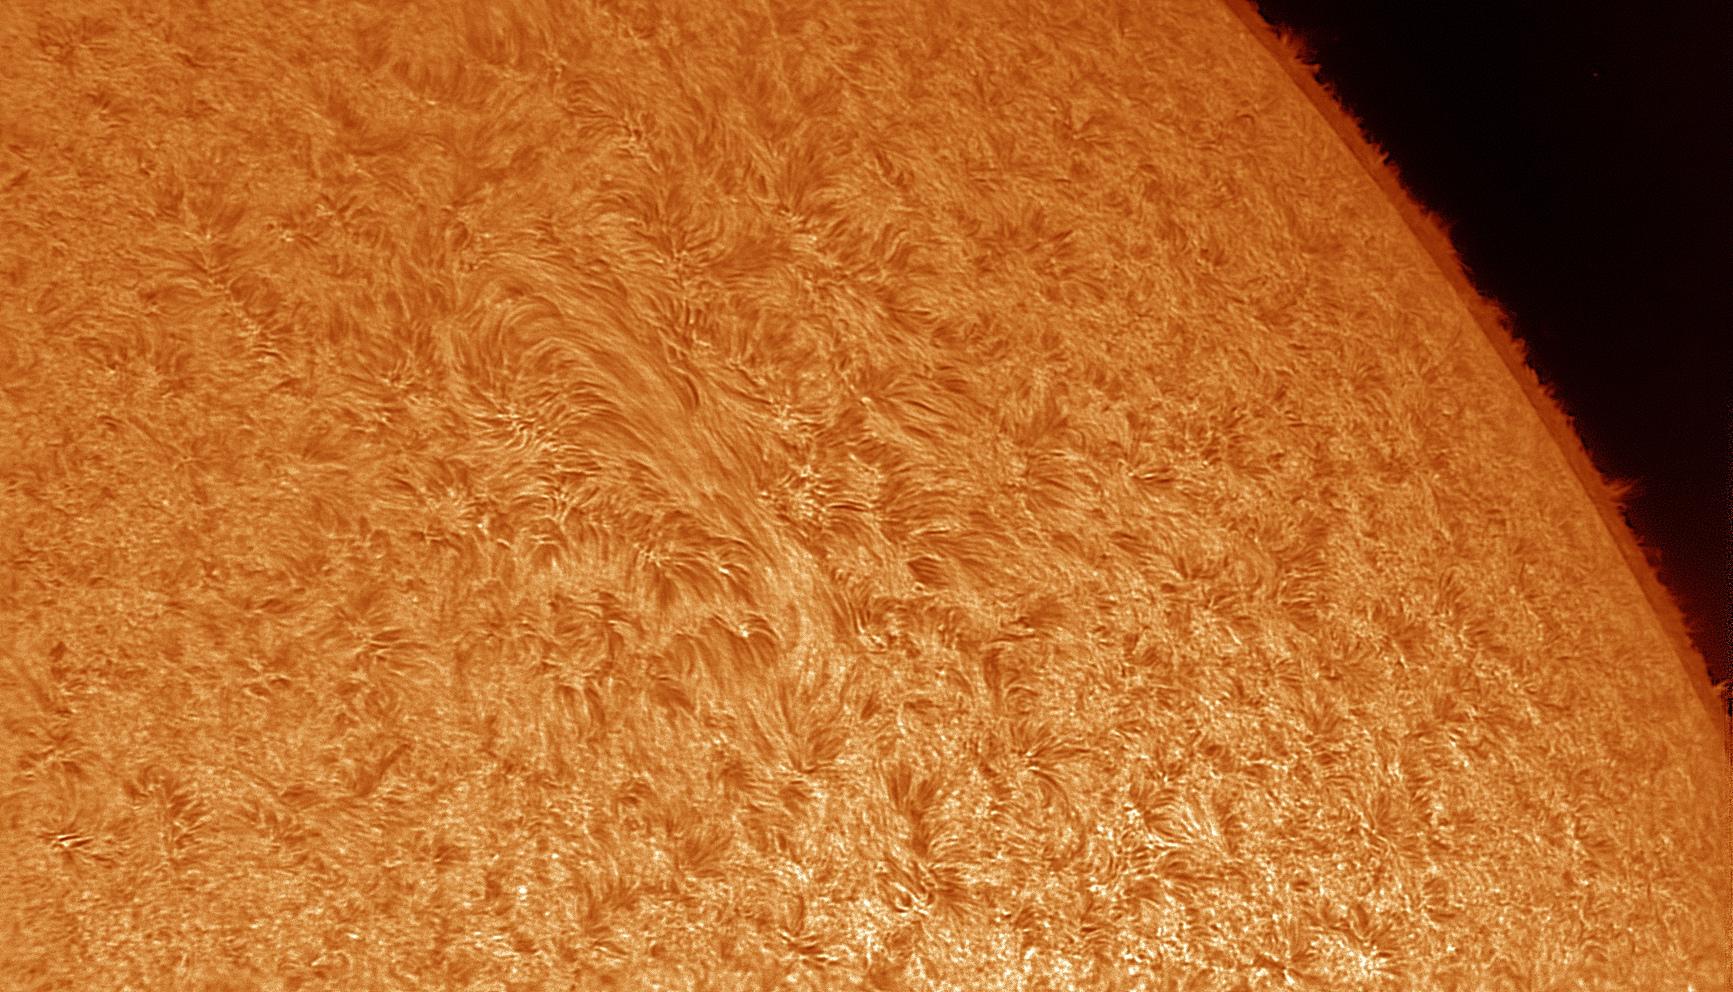 soleil-12nov20-c.jpg.a889437667c401d45cbb74dcfccf2a15.jpg